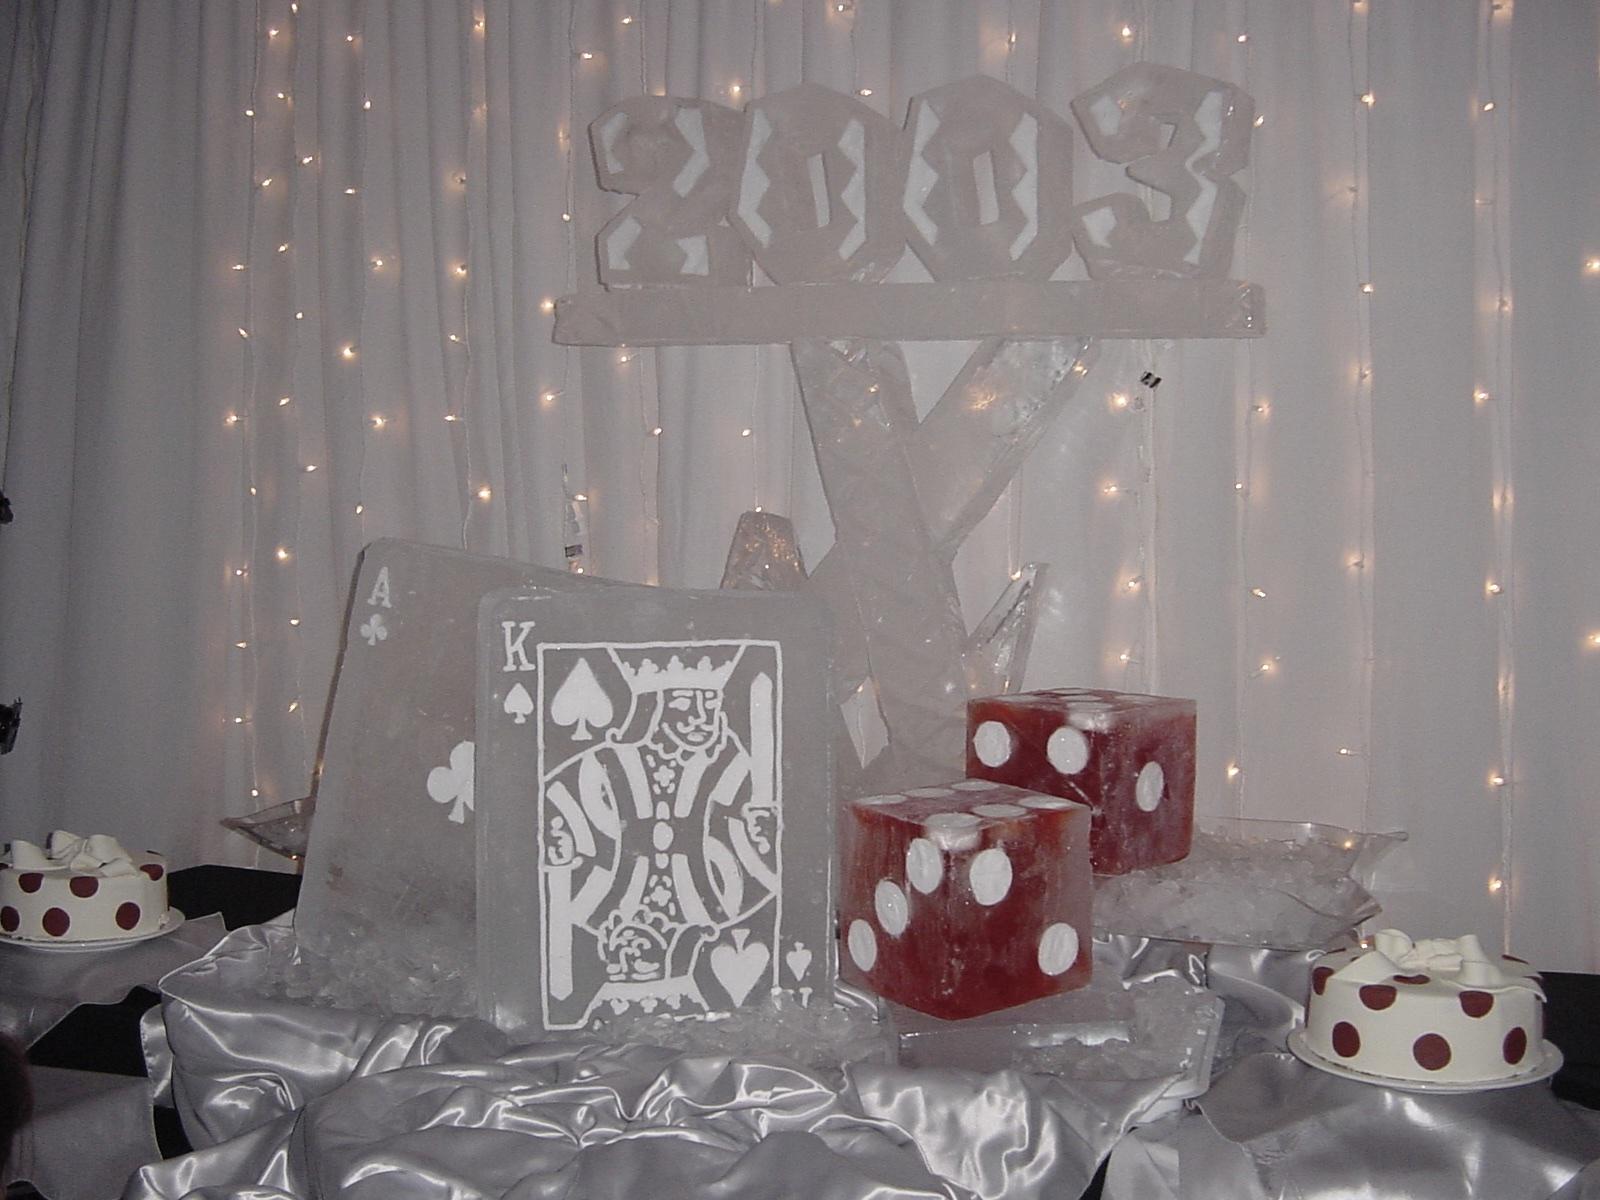 12-31-02 Casino 2.jpg